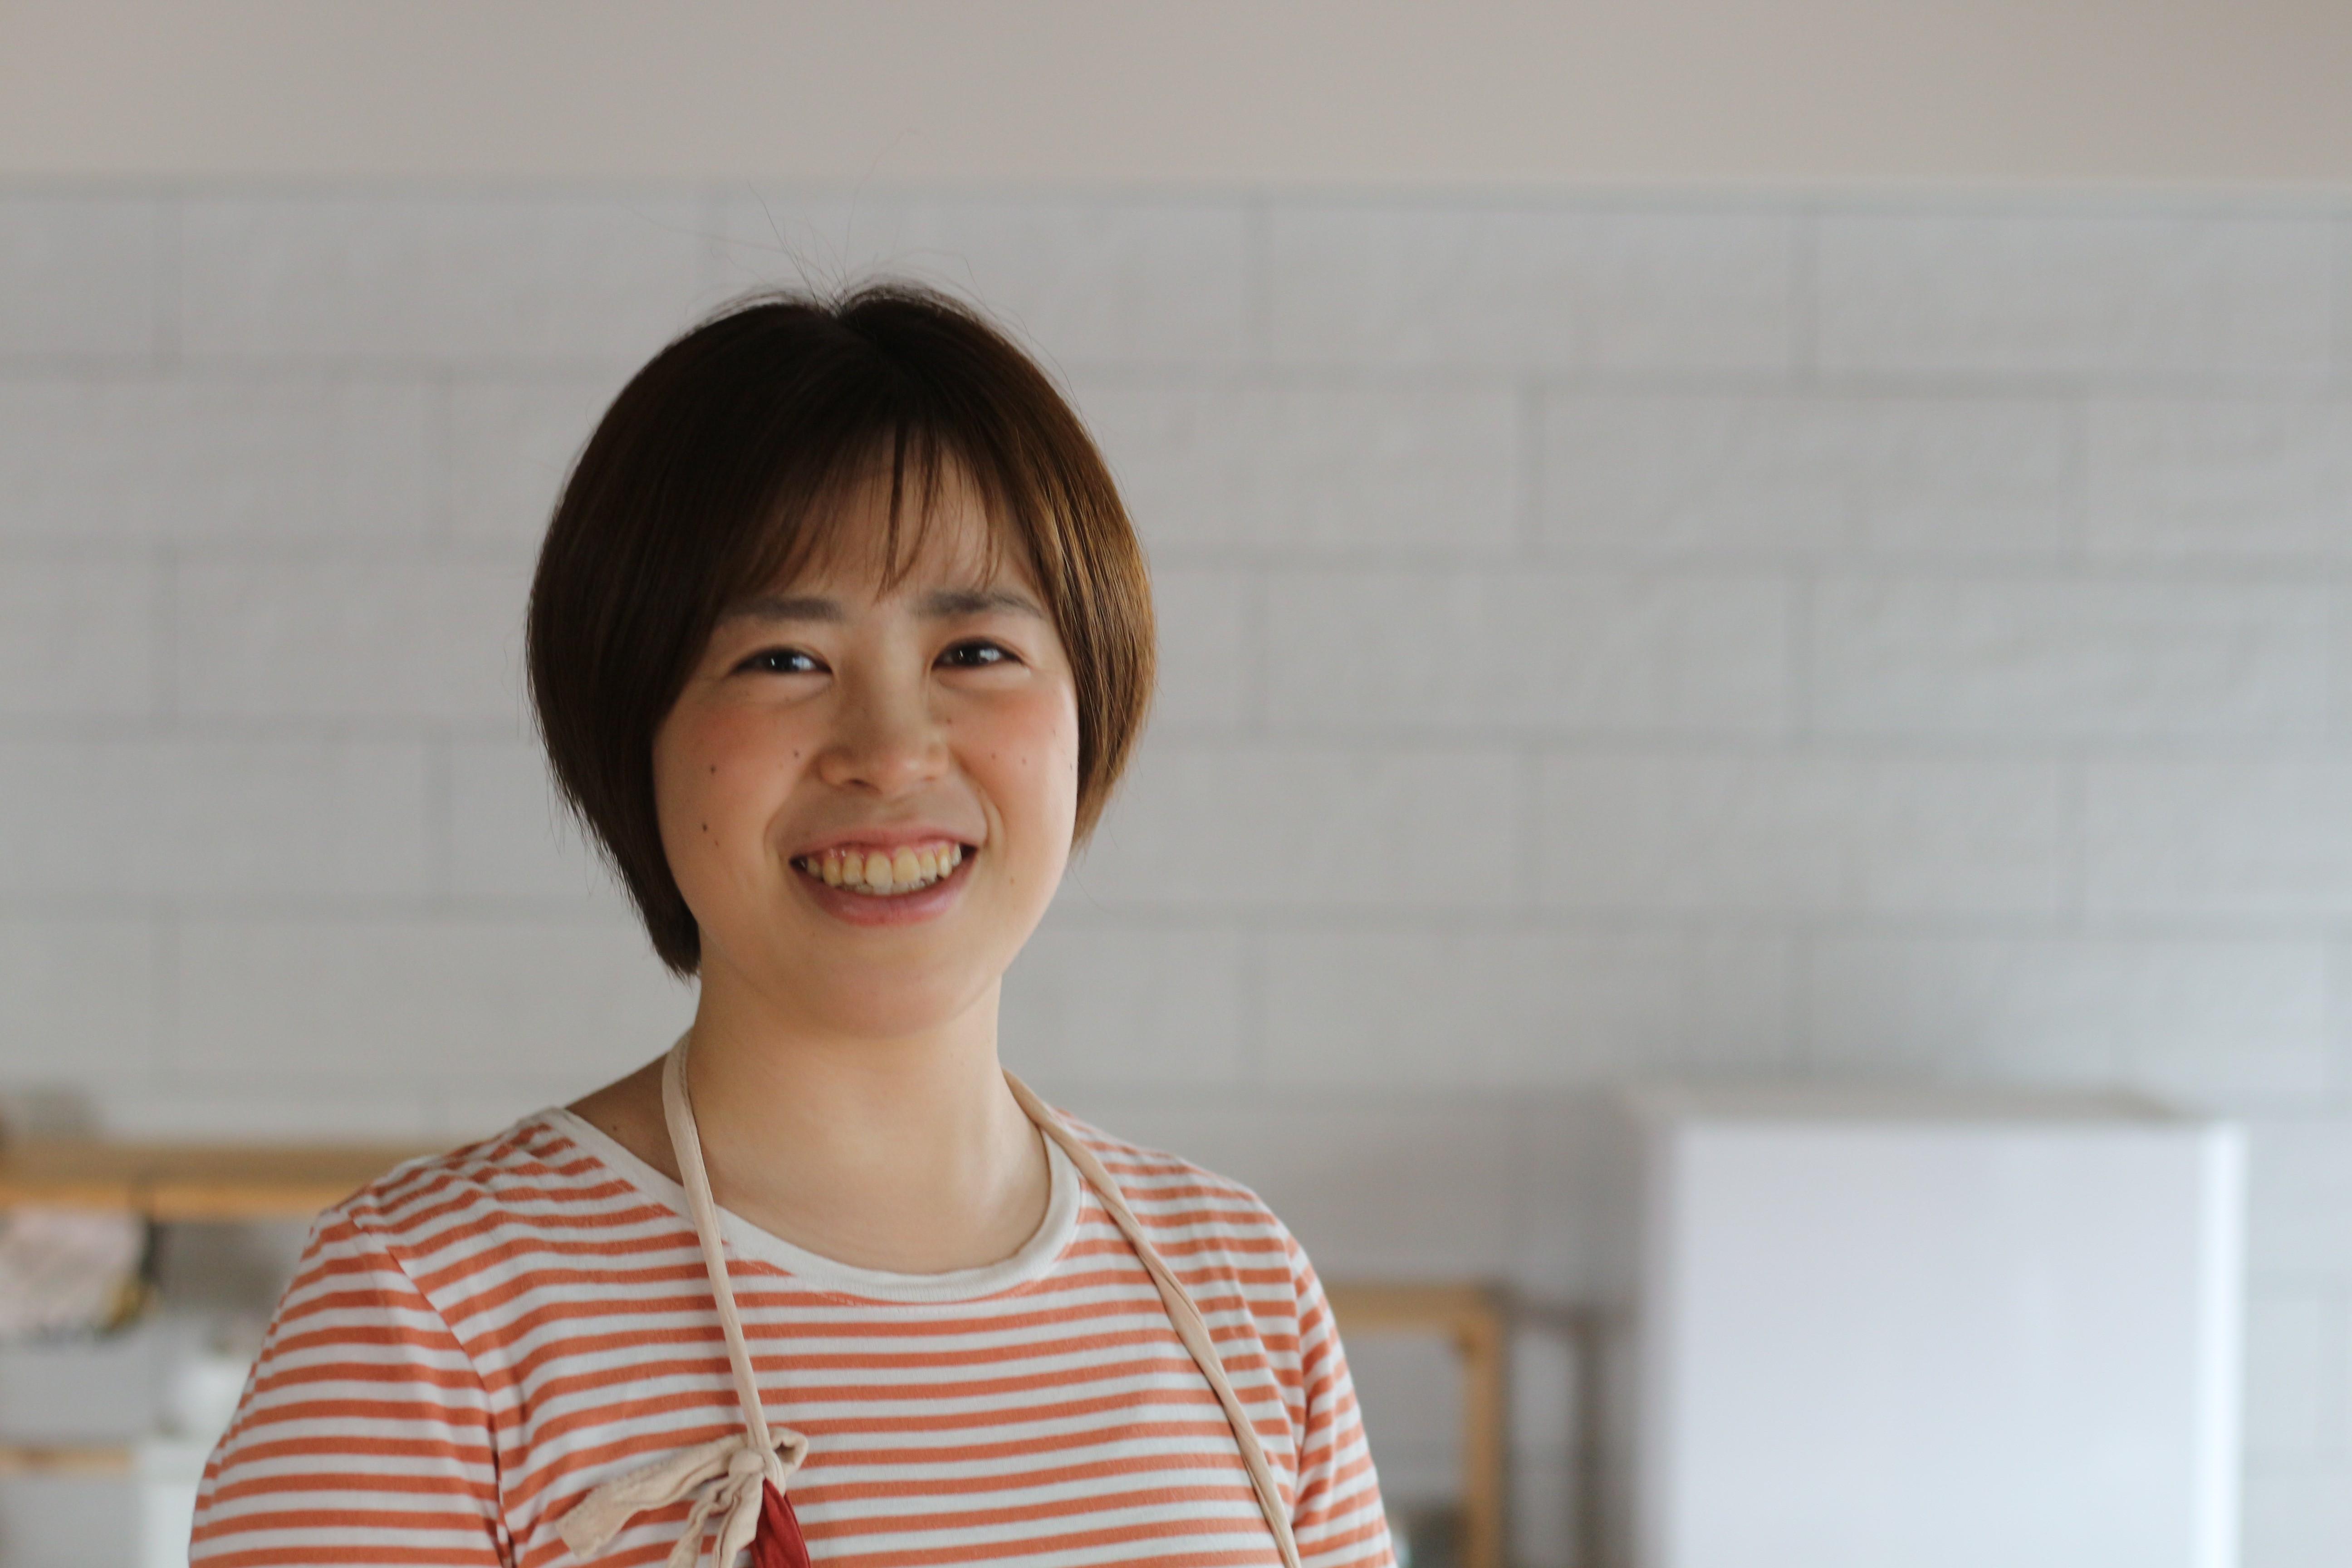 辻 彩プロフィール写真